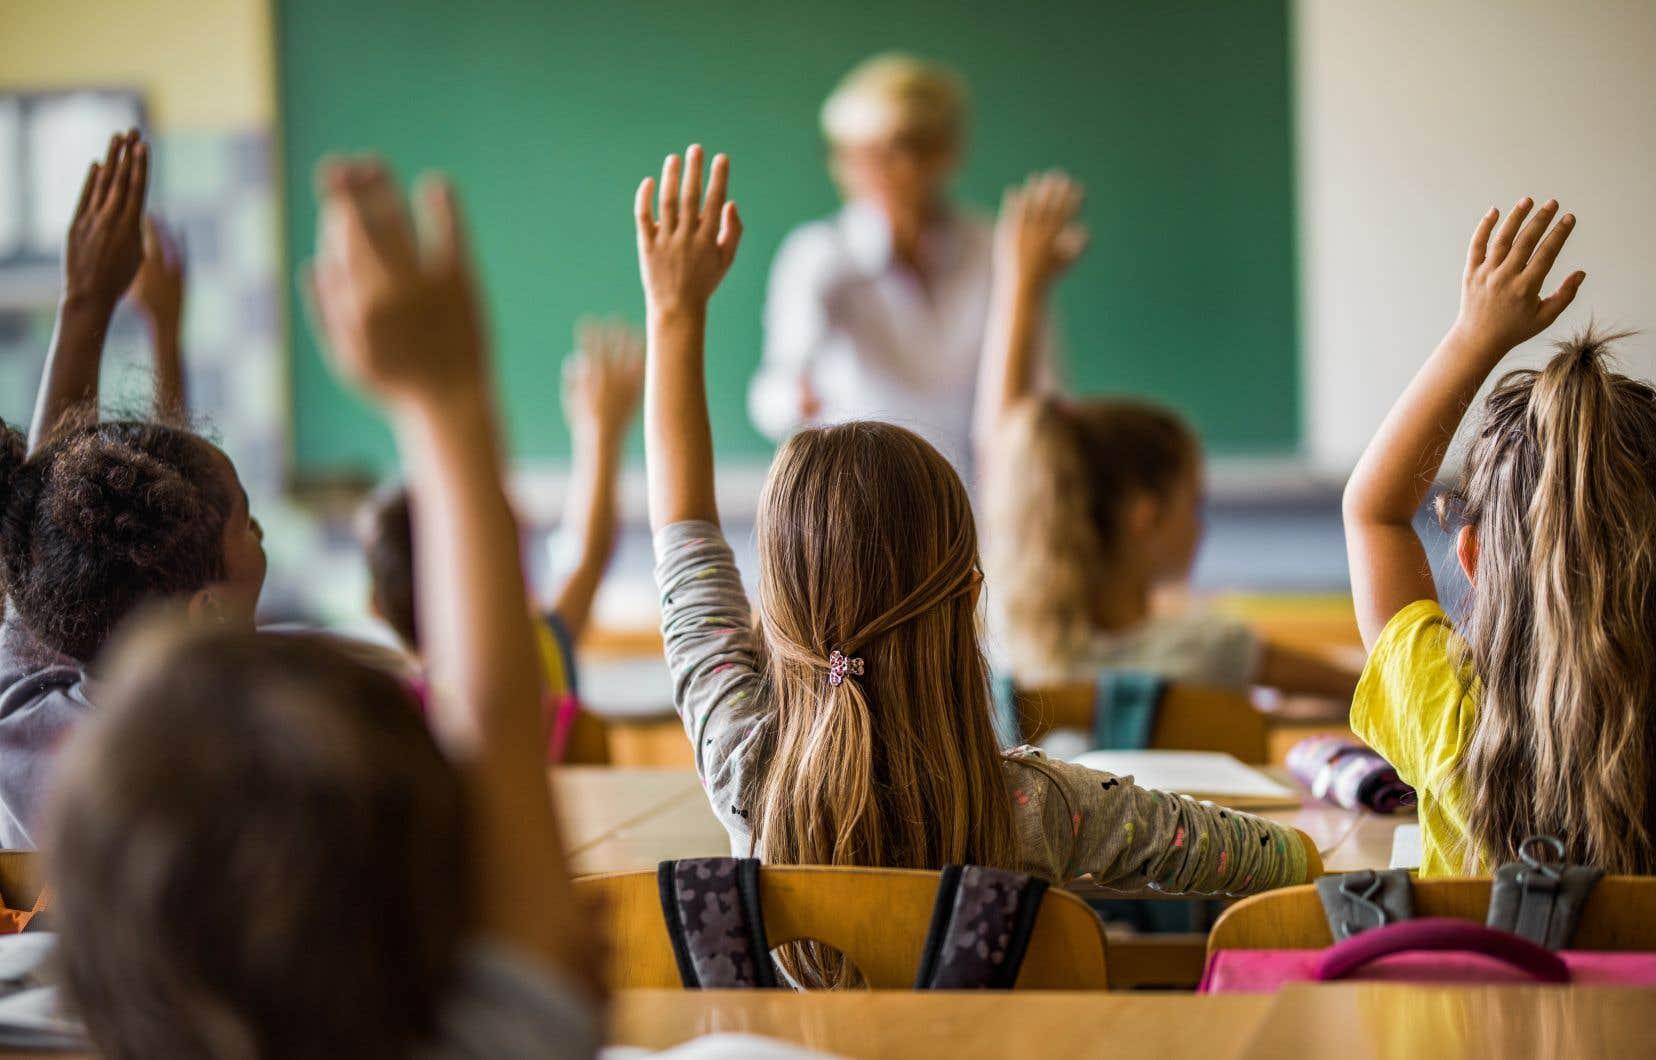 La commission scolaire a refusé 76 des 86 demandes de retraite progressive formulées pour la prochaine année scolaire.